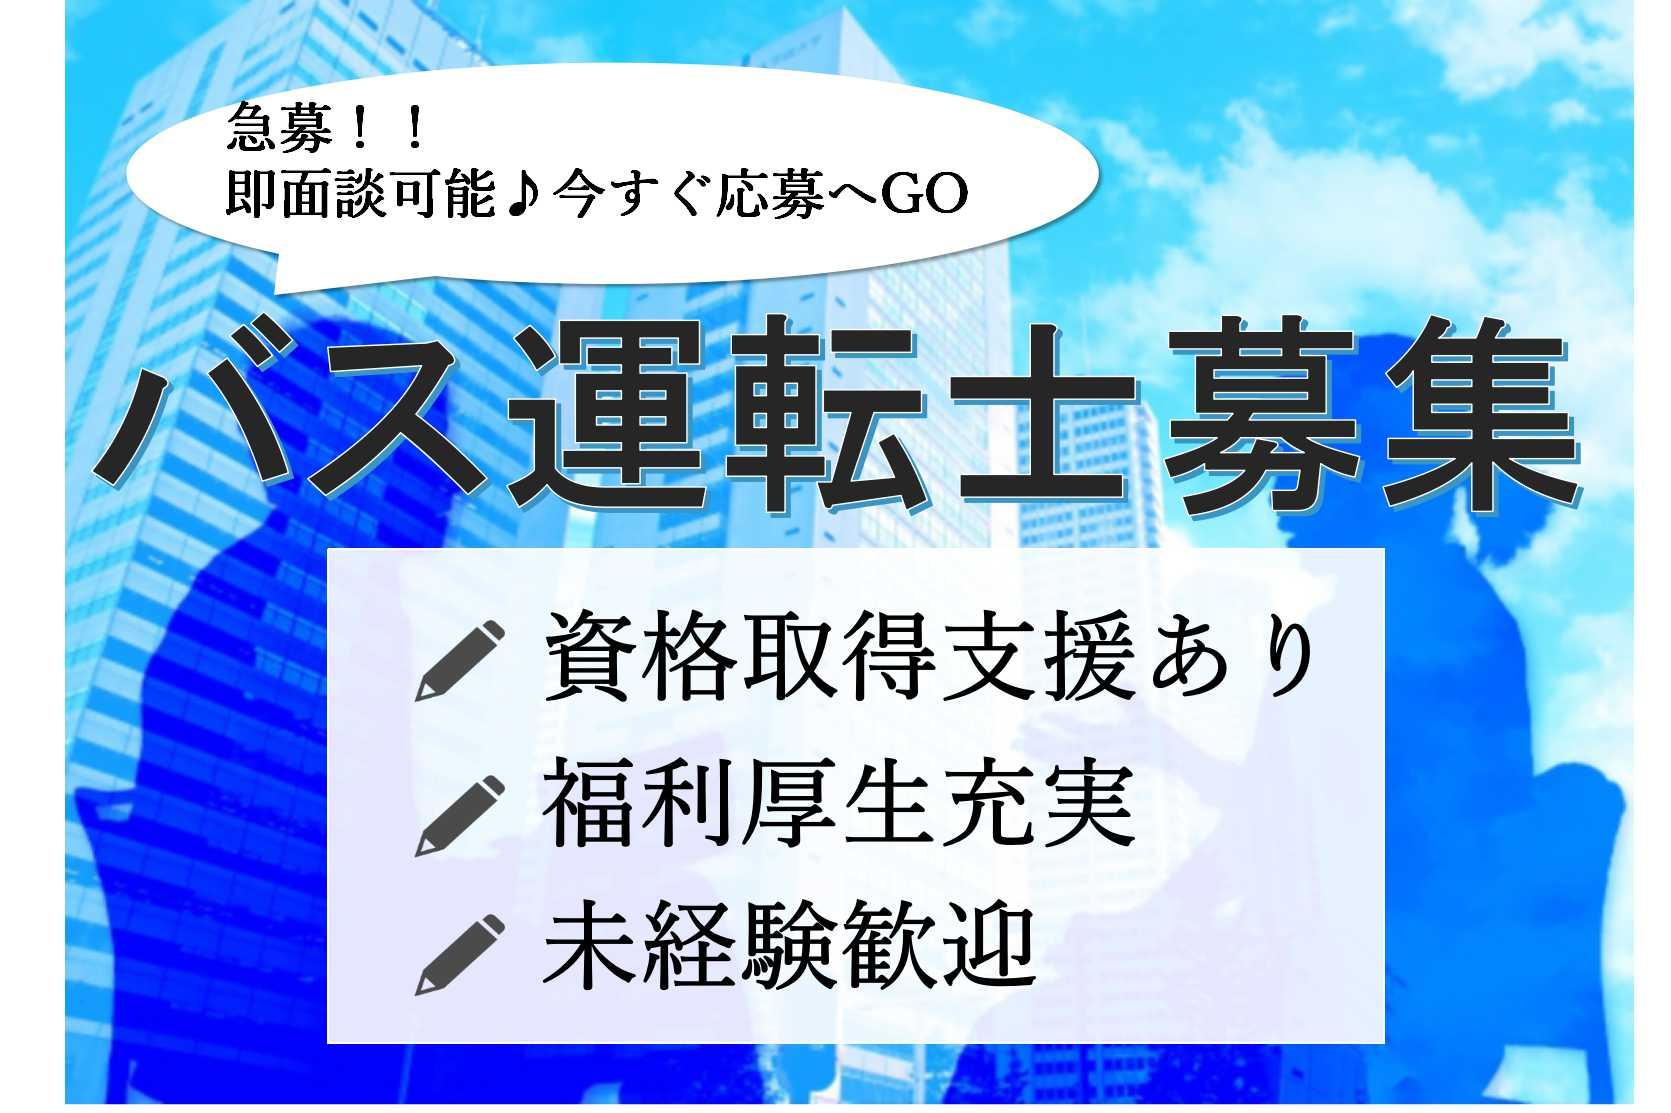 未経験歓迎!資格取得支援あり★路線バス運転士【即面談可能】 イメージ